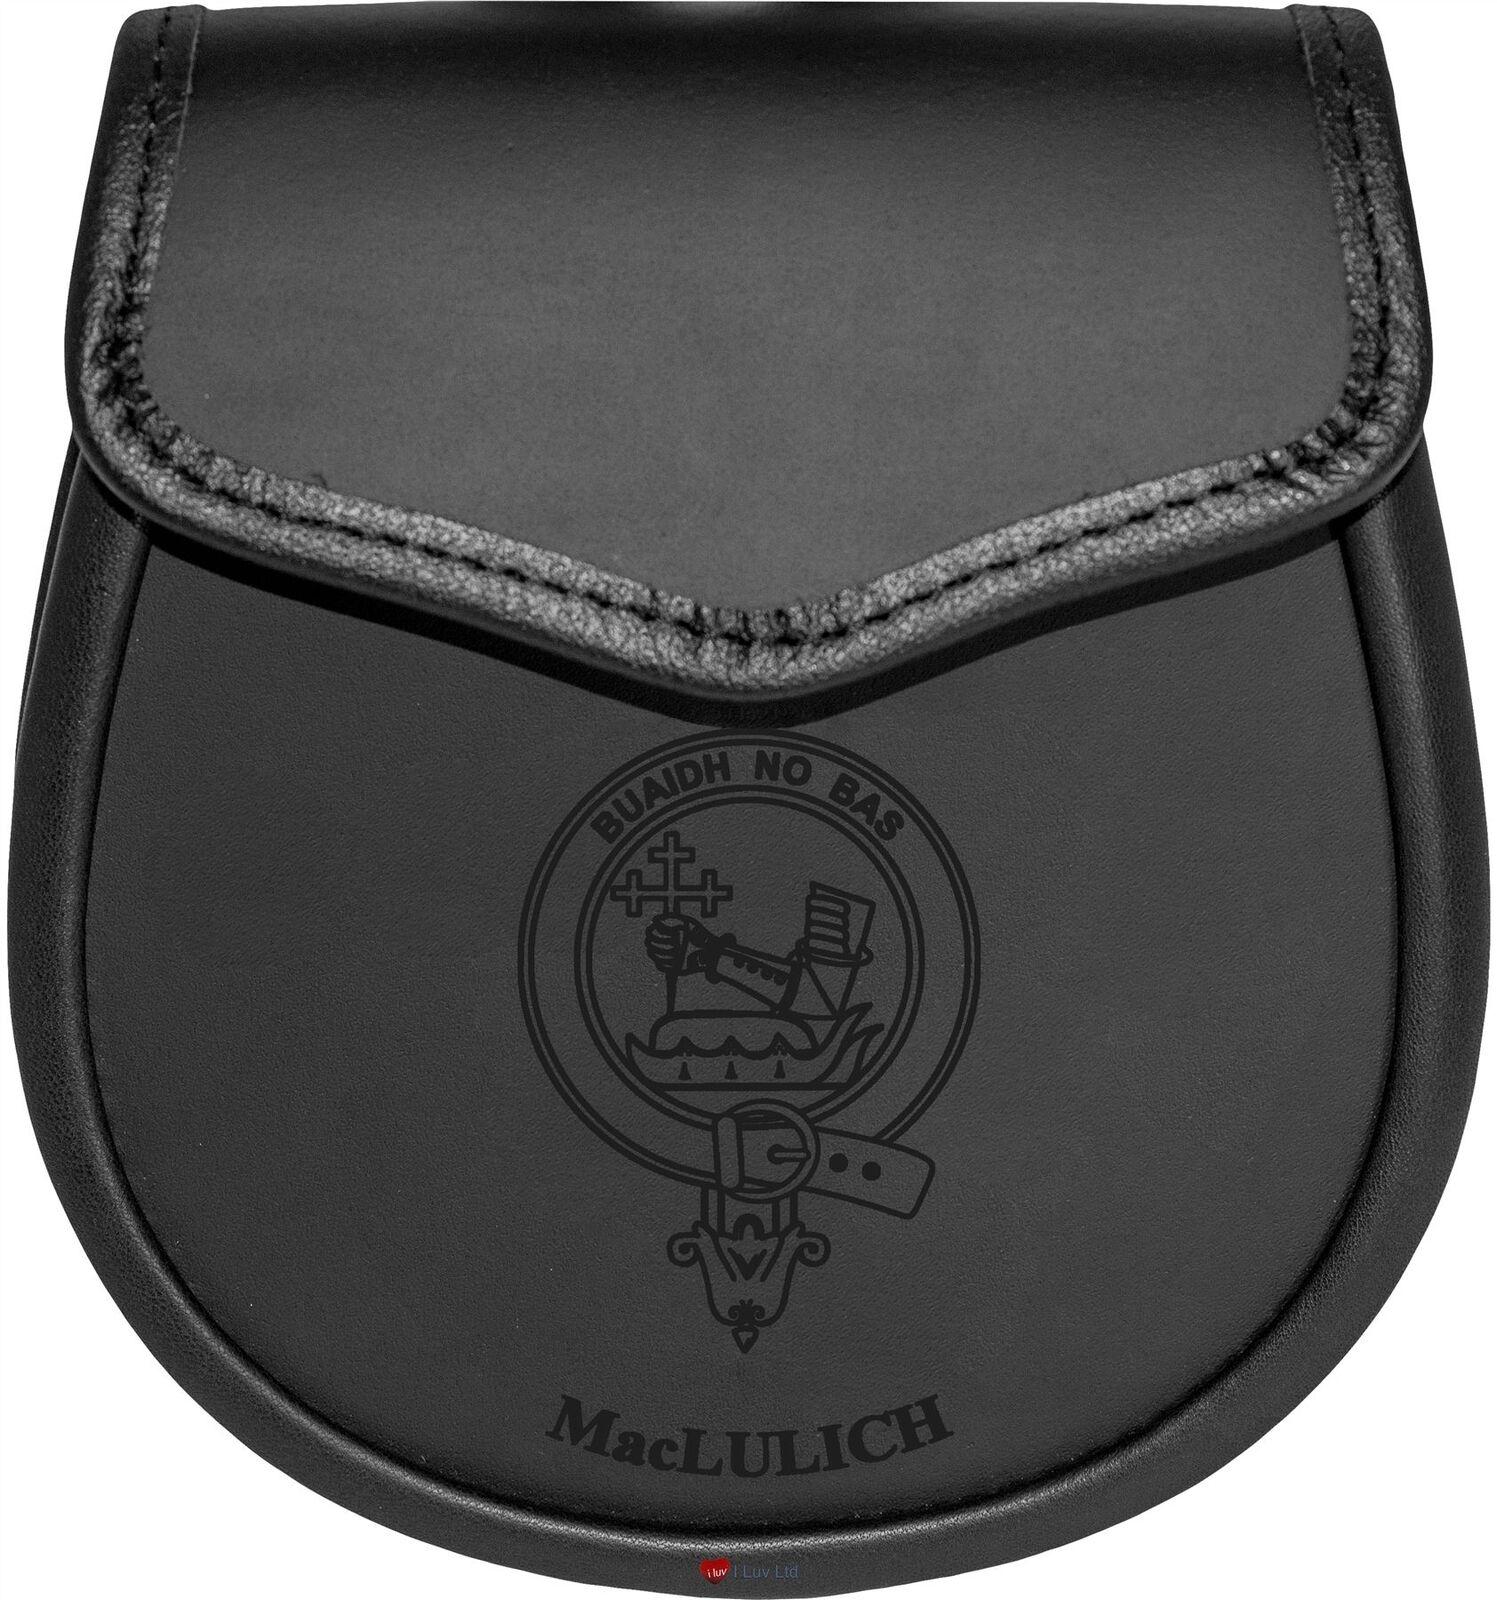 MacLulich Leather Day Sporran Scottish Clan Crest